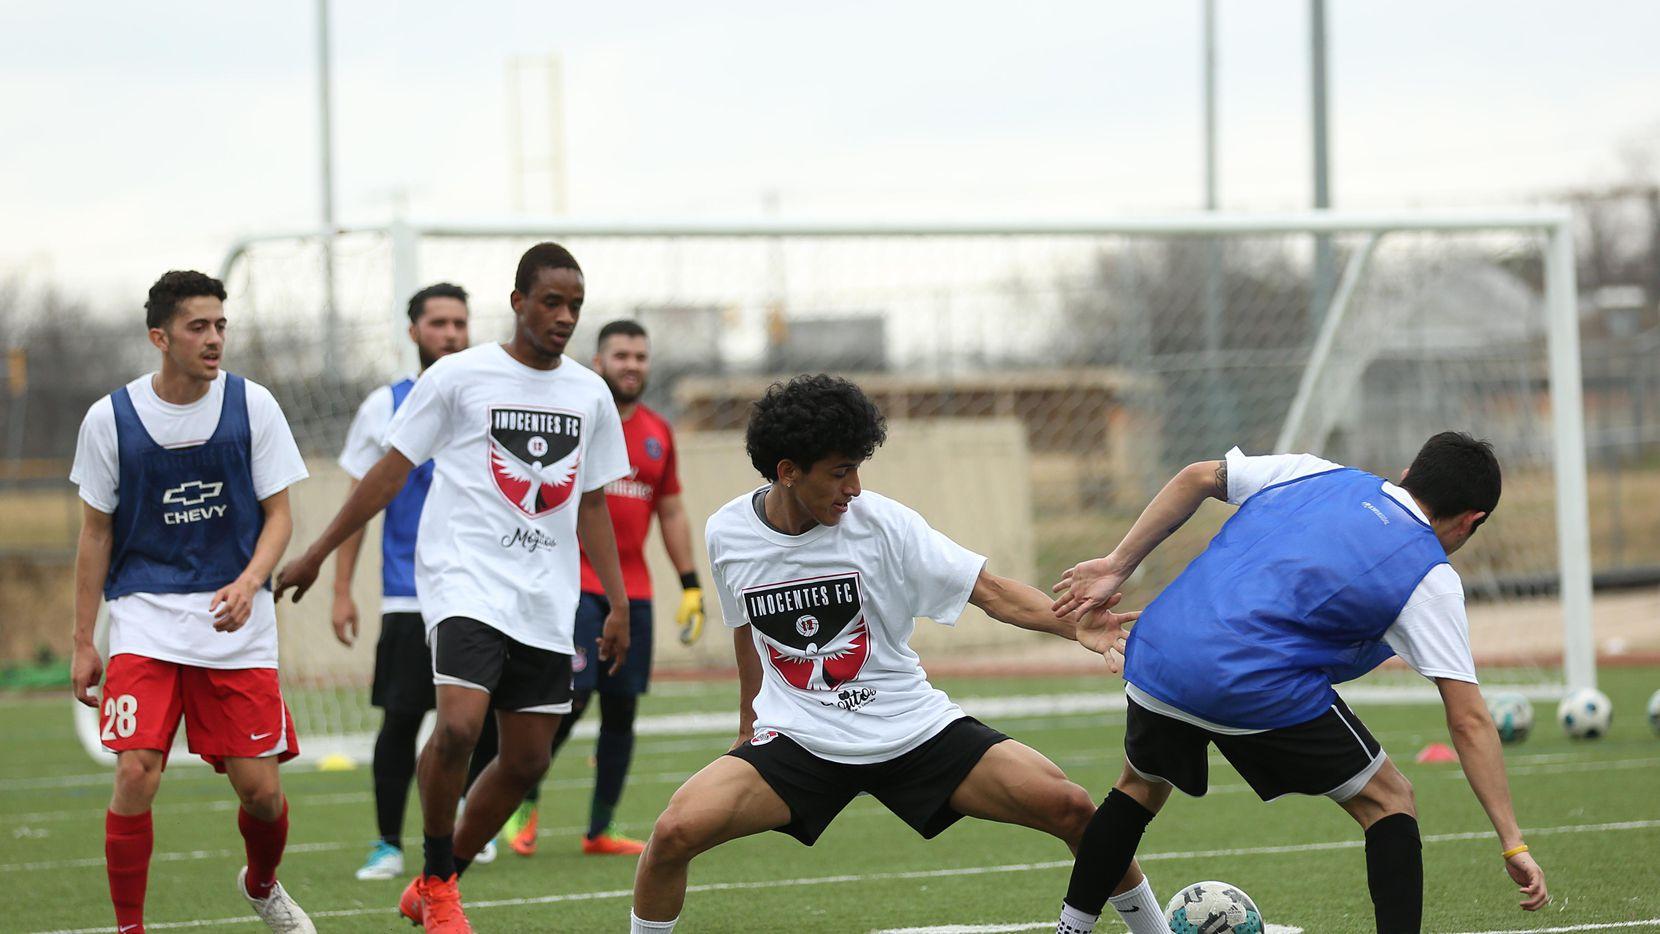 Inocentes FC de Fort Worth realizará una tercera visoria para buscar talento de cara a su primera temporada en la UPSL de Estados Unidos. (ESPECIAL PARA AL DÍA/OMAR VEGA)